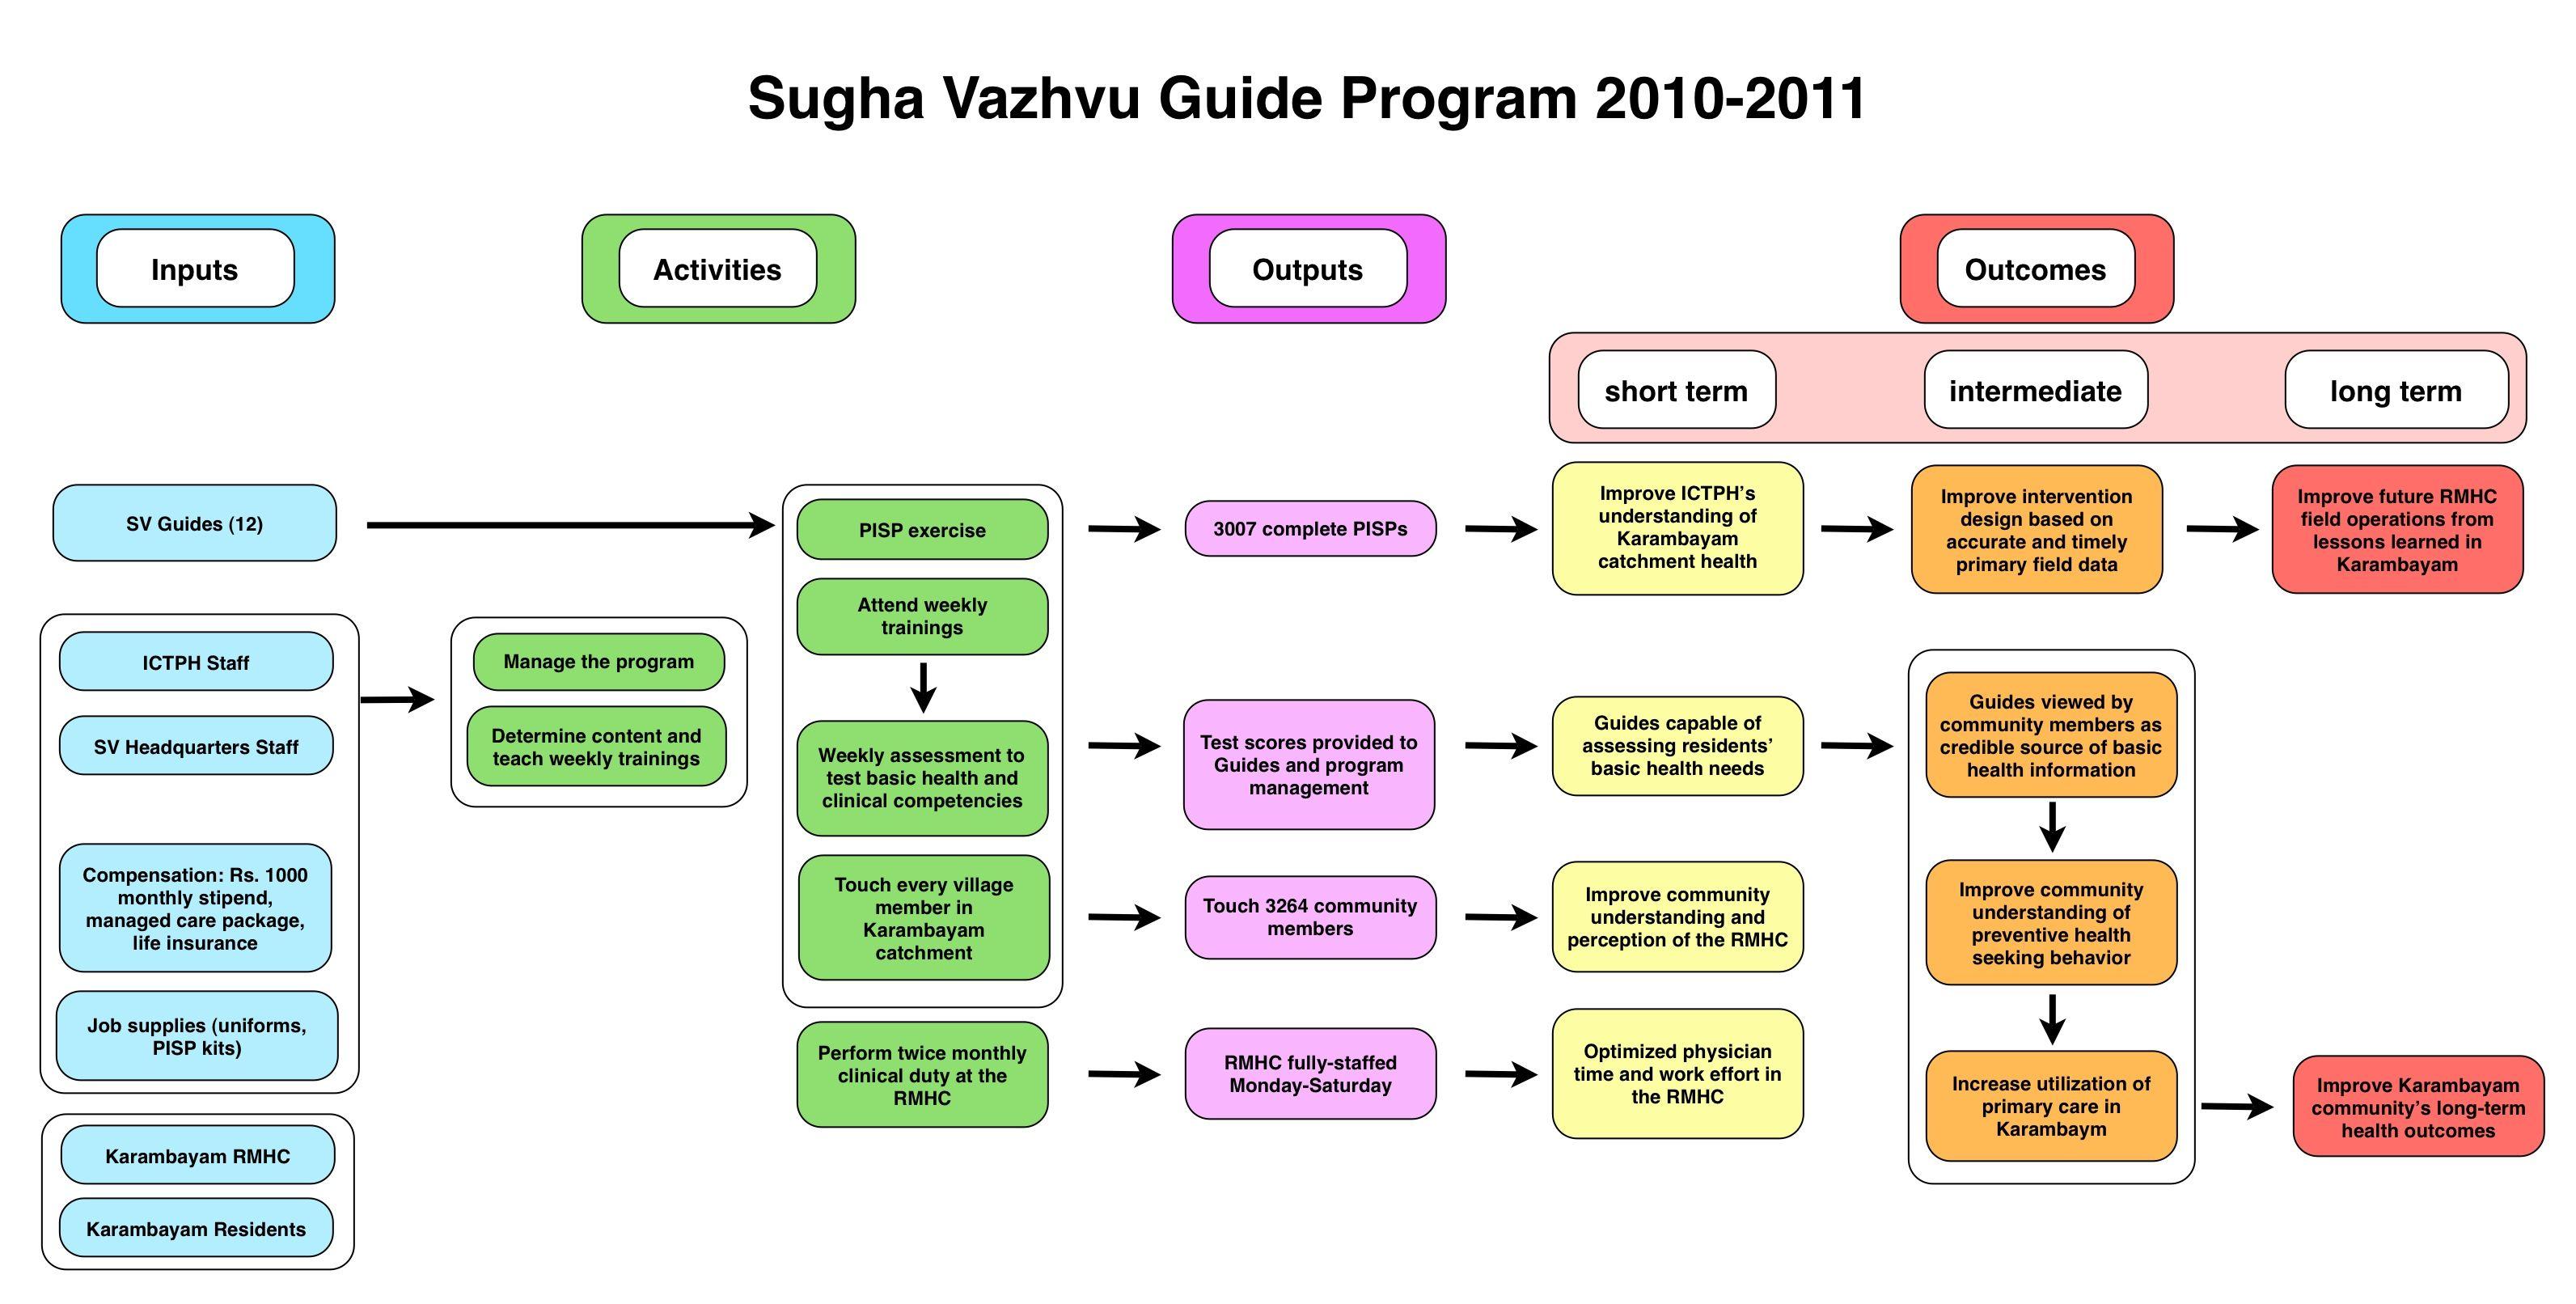 Guide Program Logic Model Year 11 1 593 806 Pixels